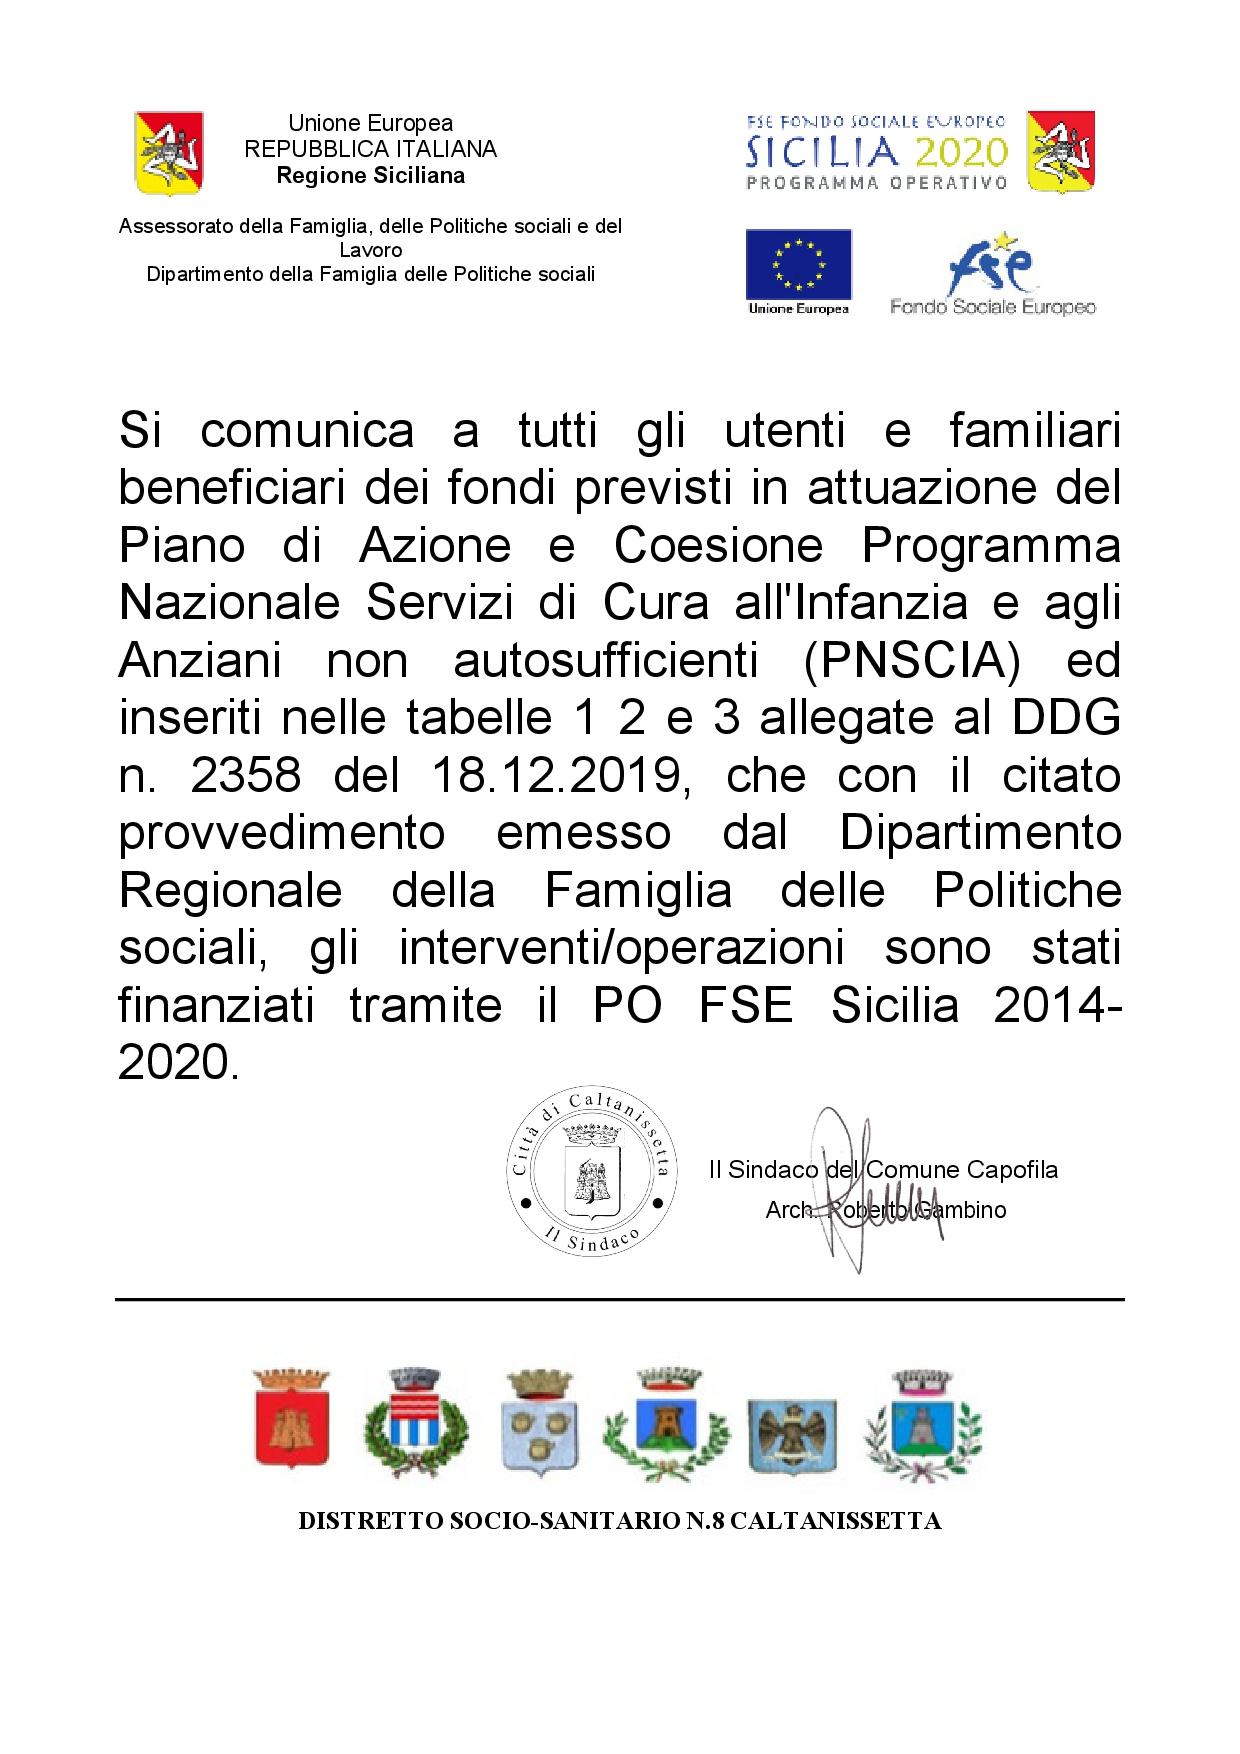 Avviso_di_pubblicita_finanziamento_PO_FSE_Sicilia_2014-2020_Interventi_PAC_PNSCIA